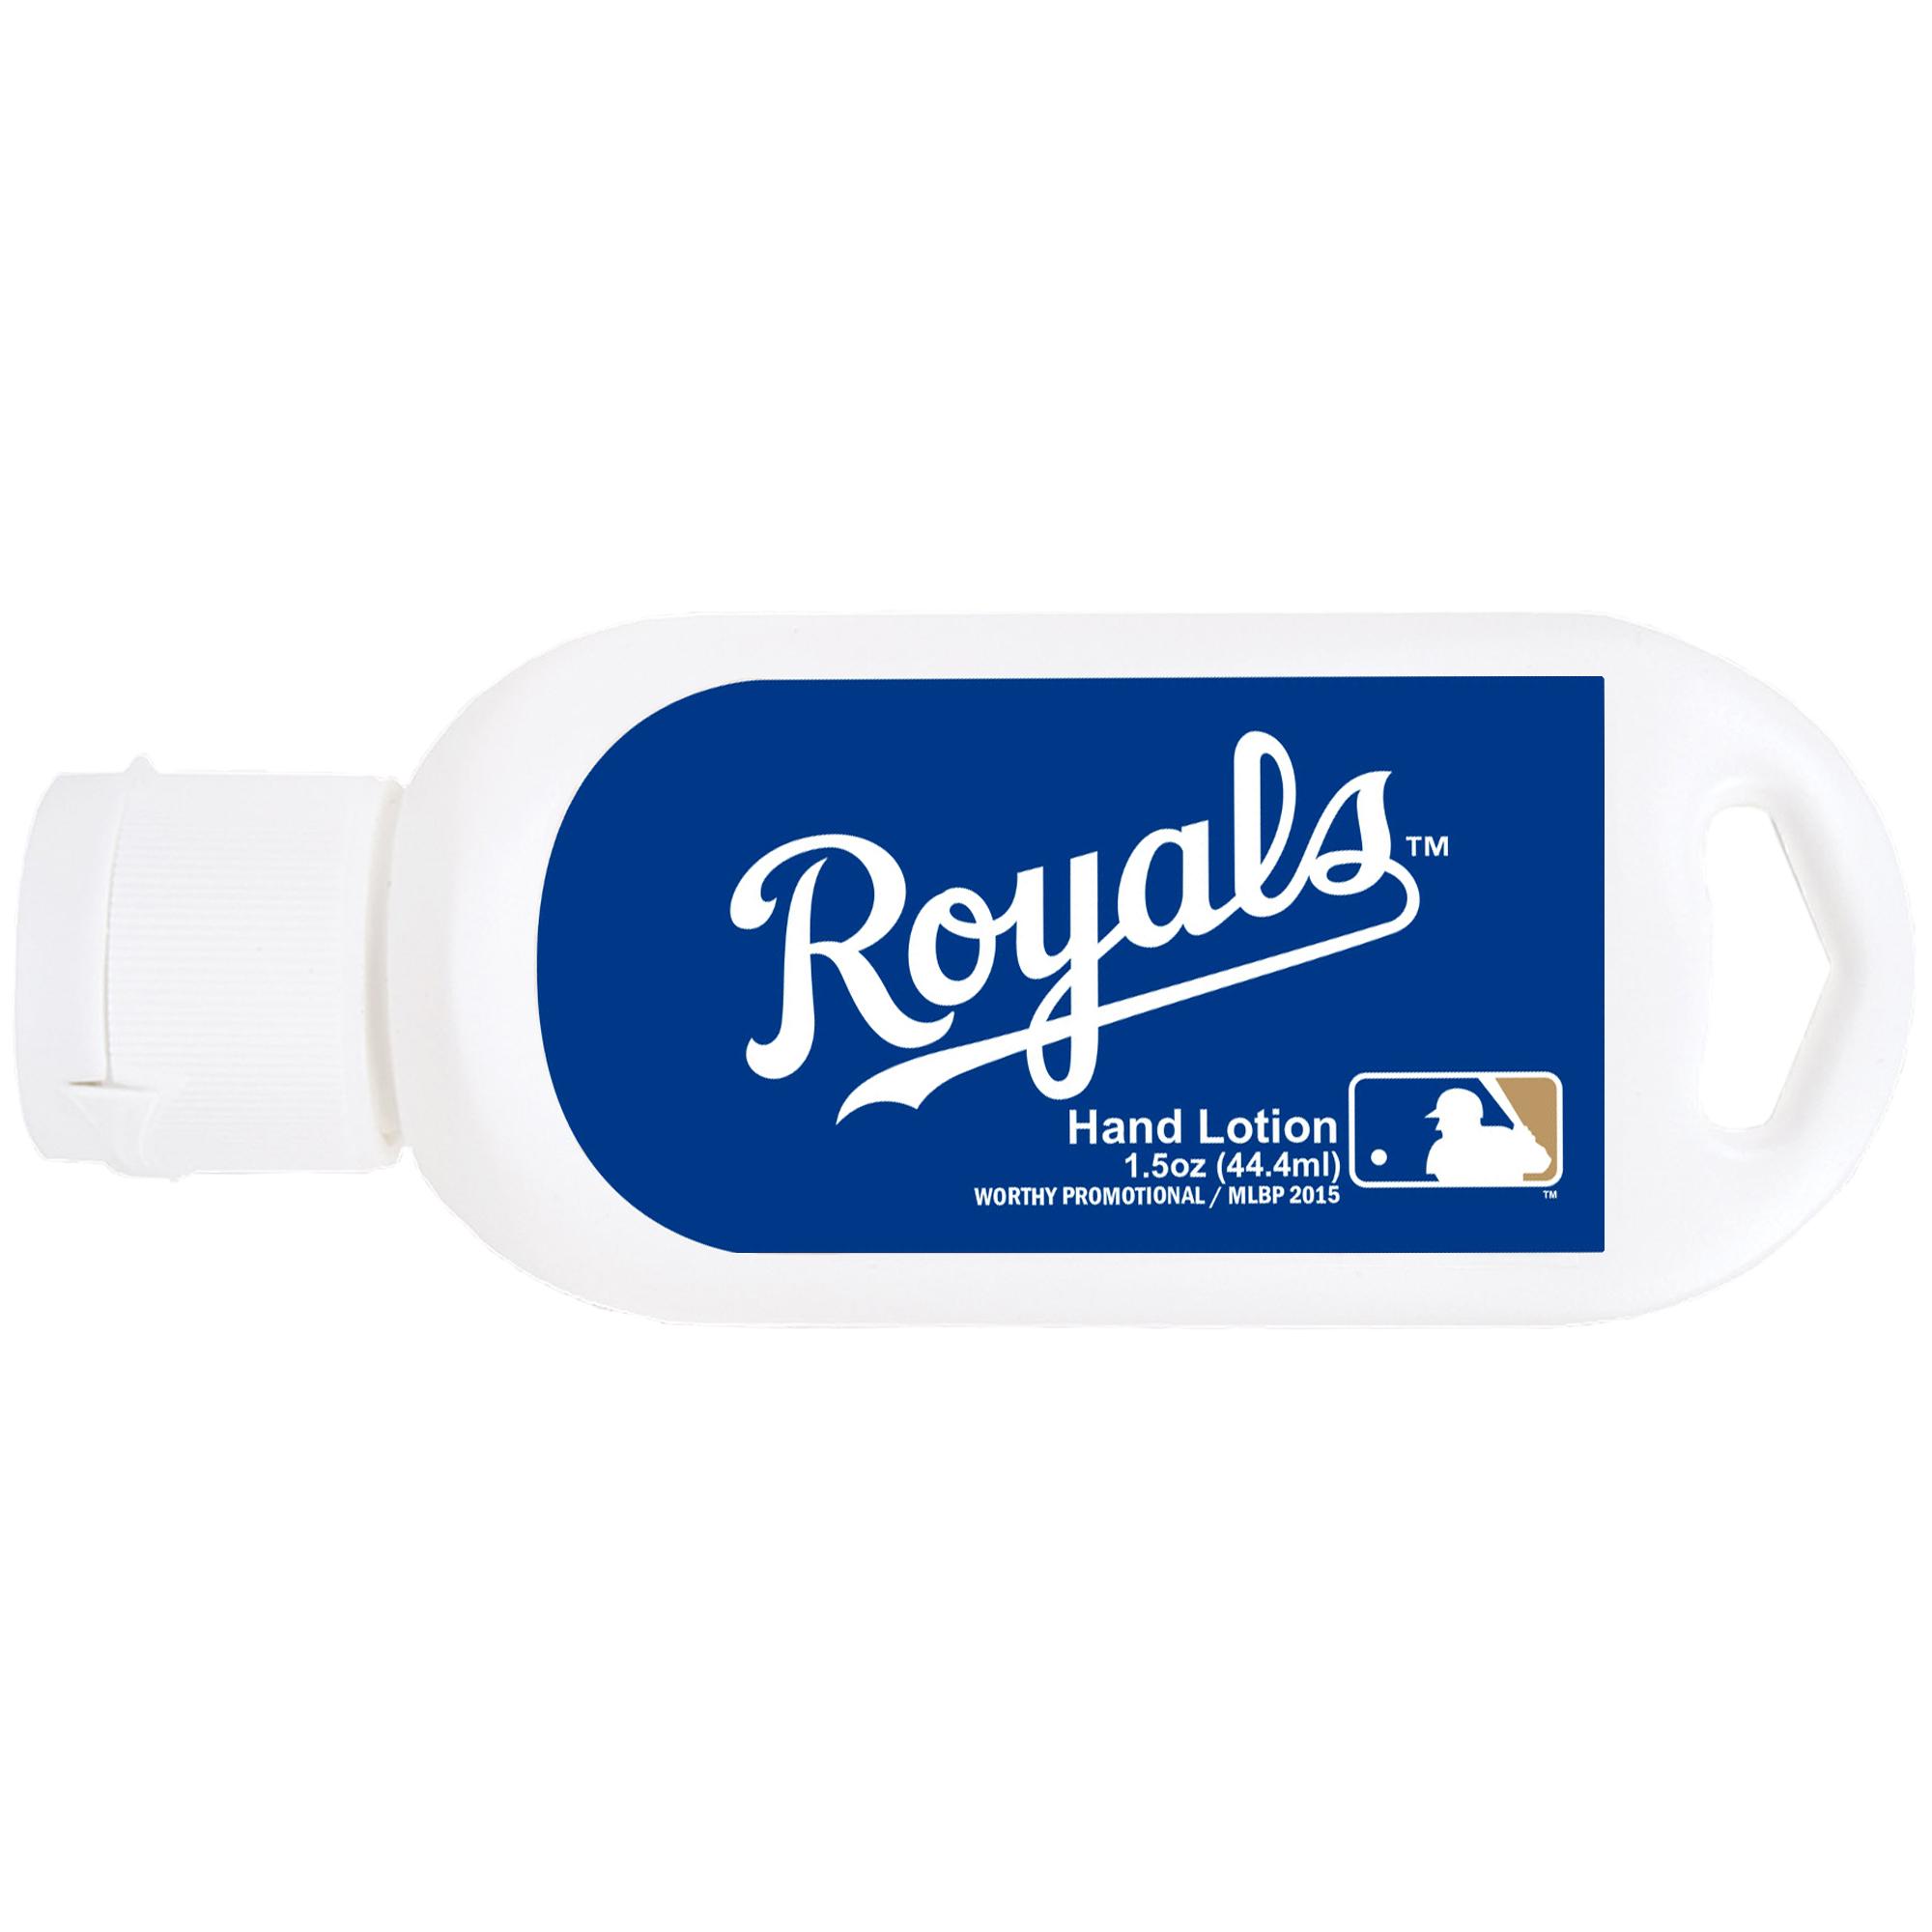 Kansas City Royals Hand Lotion - No Size